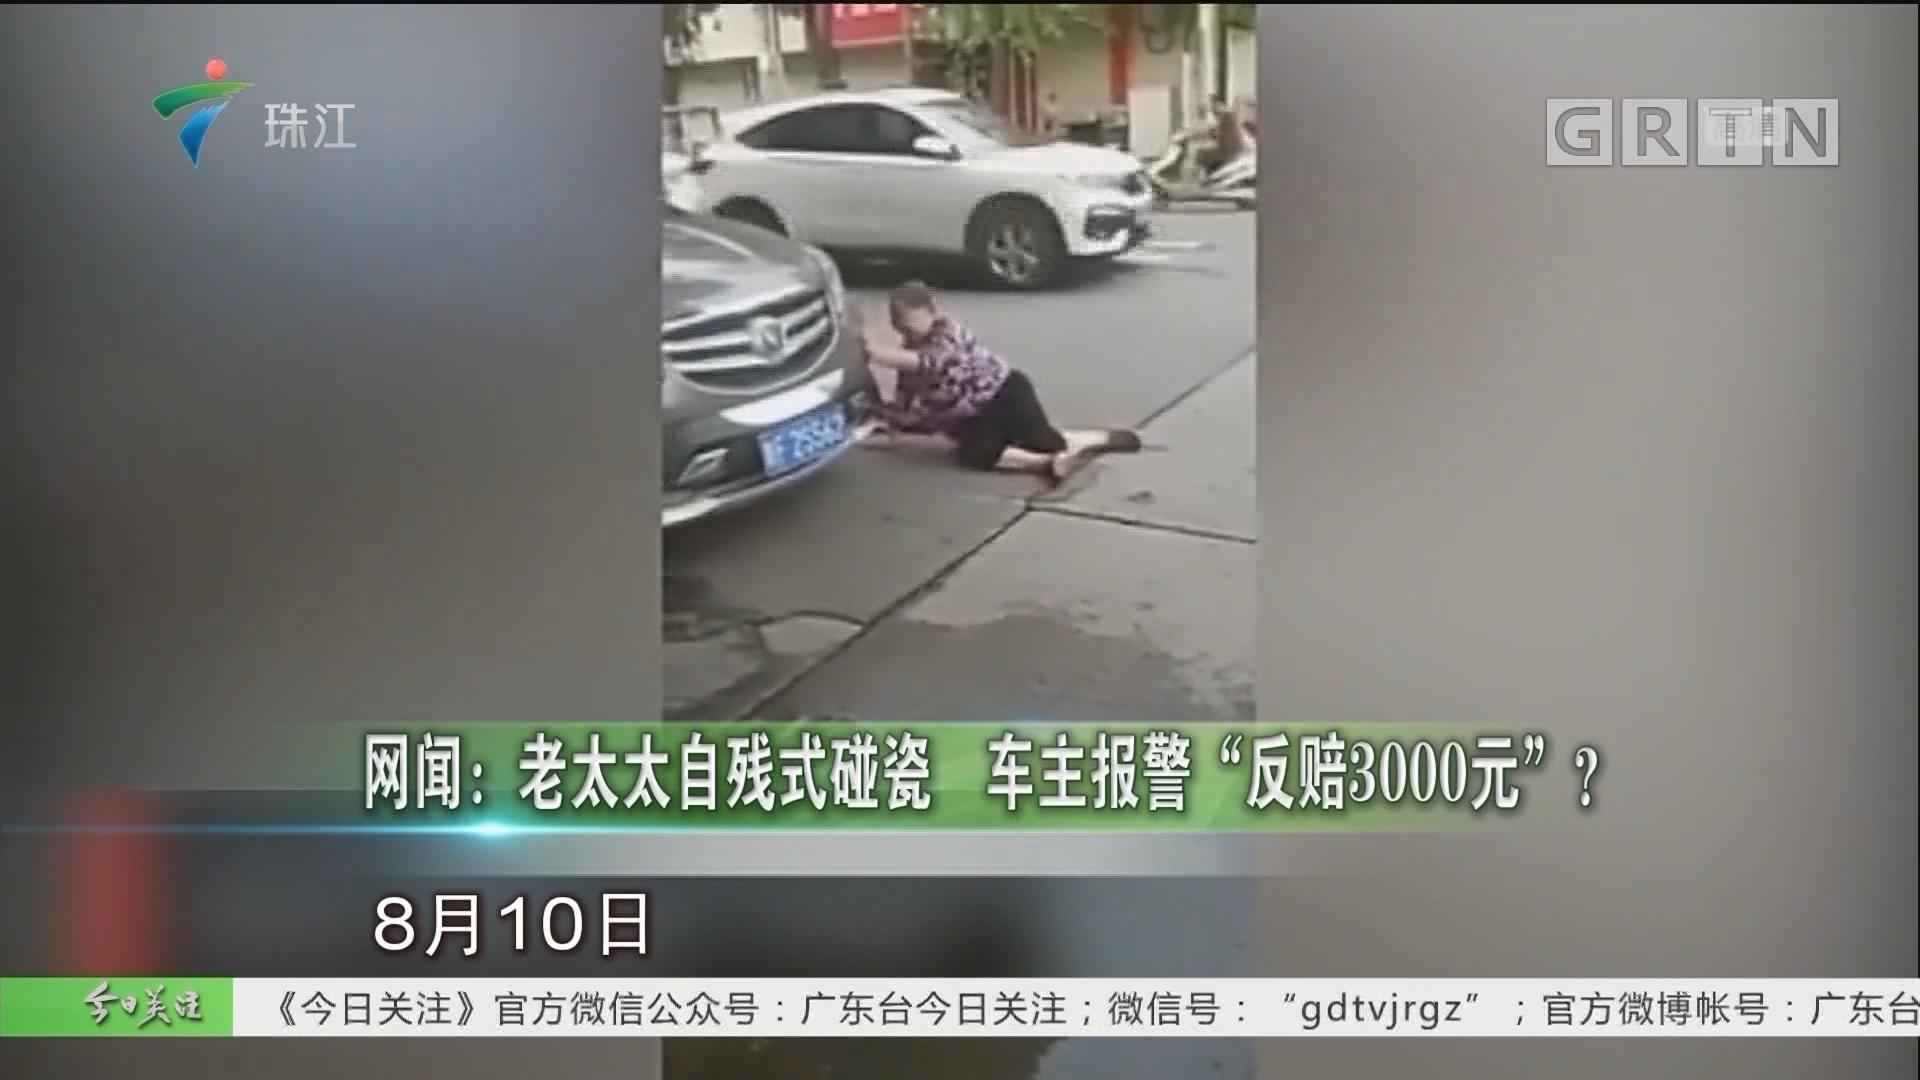 """网闻:老太太自残式碰瓷 车主报警""""反赔3000元""""?"""